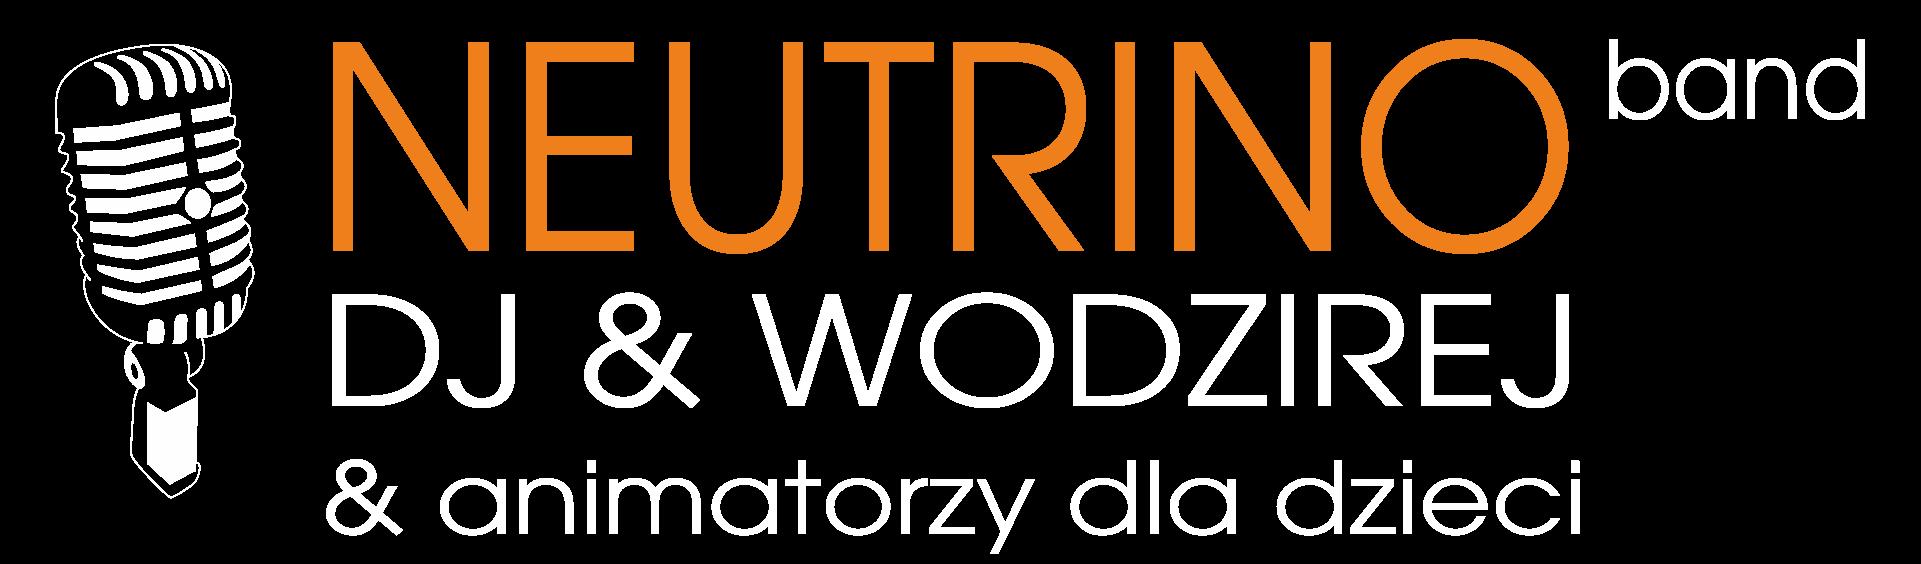 DJ & WODZIREJ z NeutrinoBand